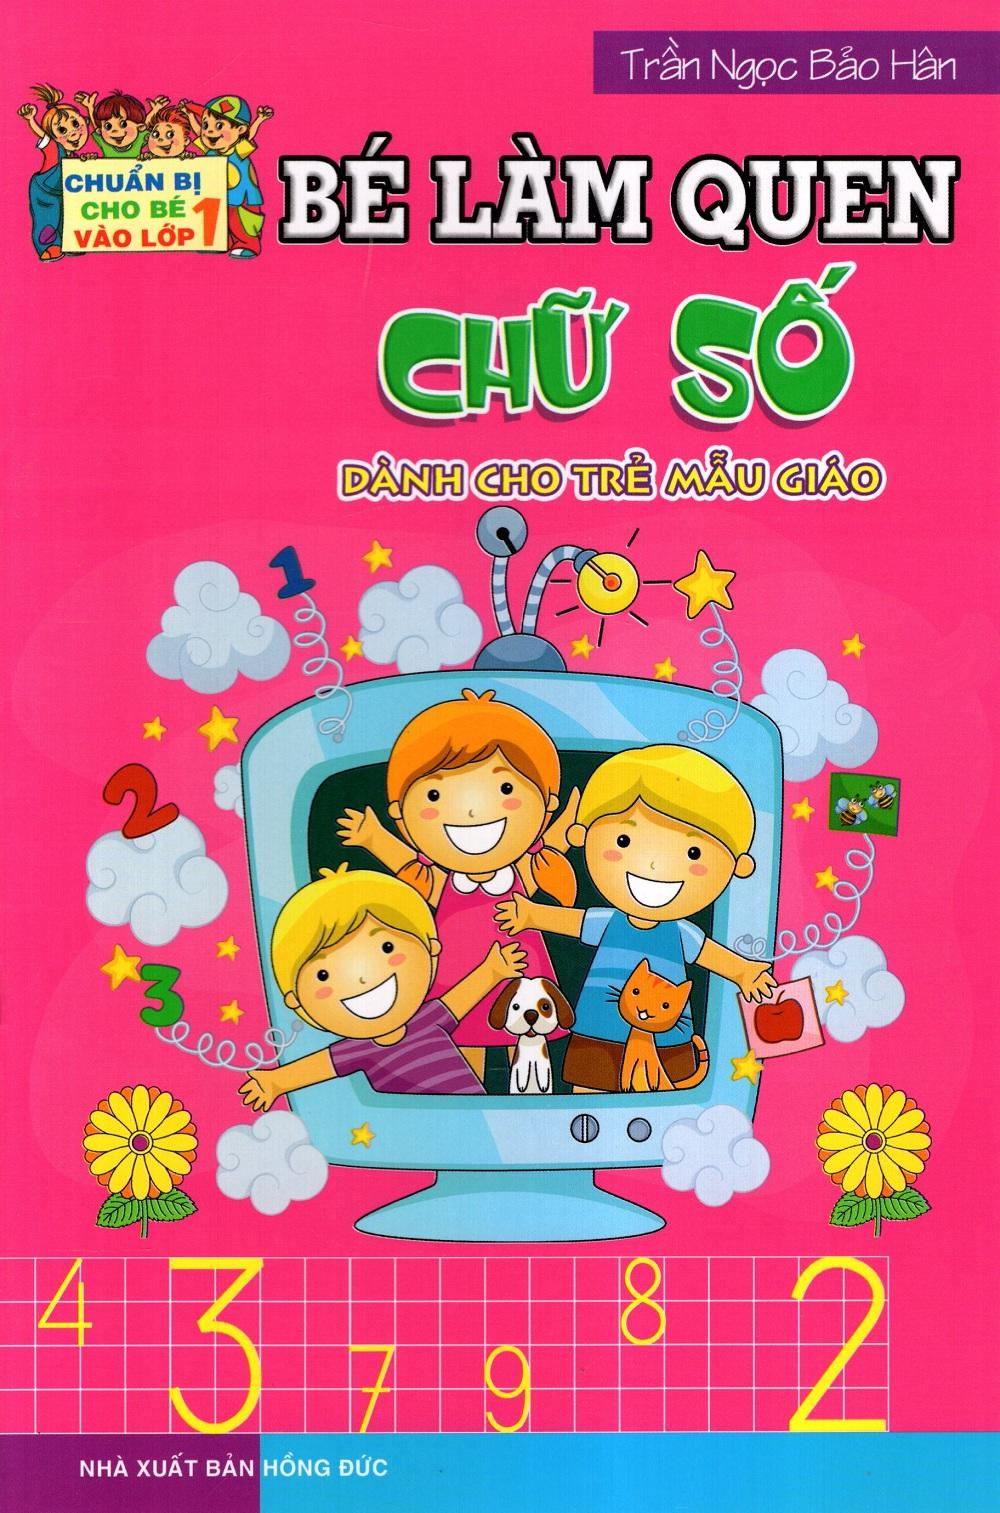 Bìa sách Chuẩn Bị Cho Bé Vào Lớp 1: Bé Làm Quen Chữ Số (Dành Cho Trẻ Mẫu Giáo)